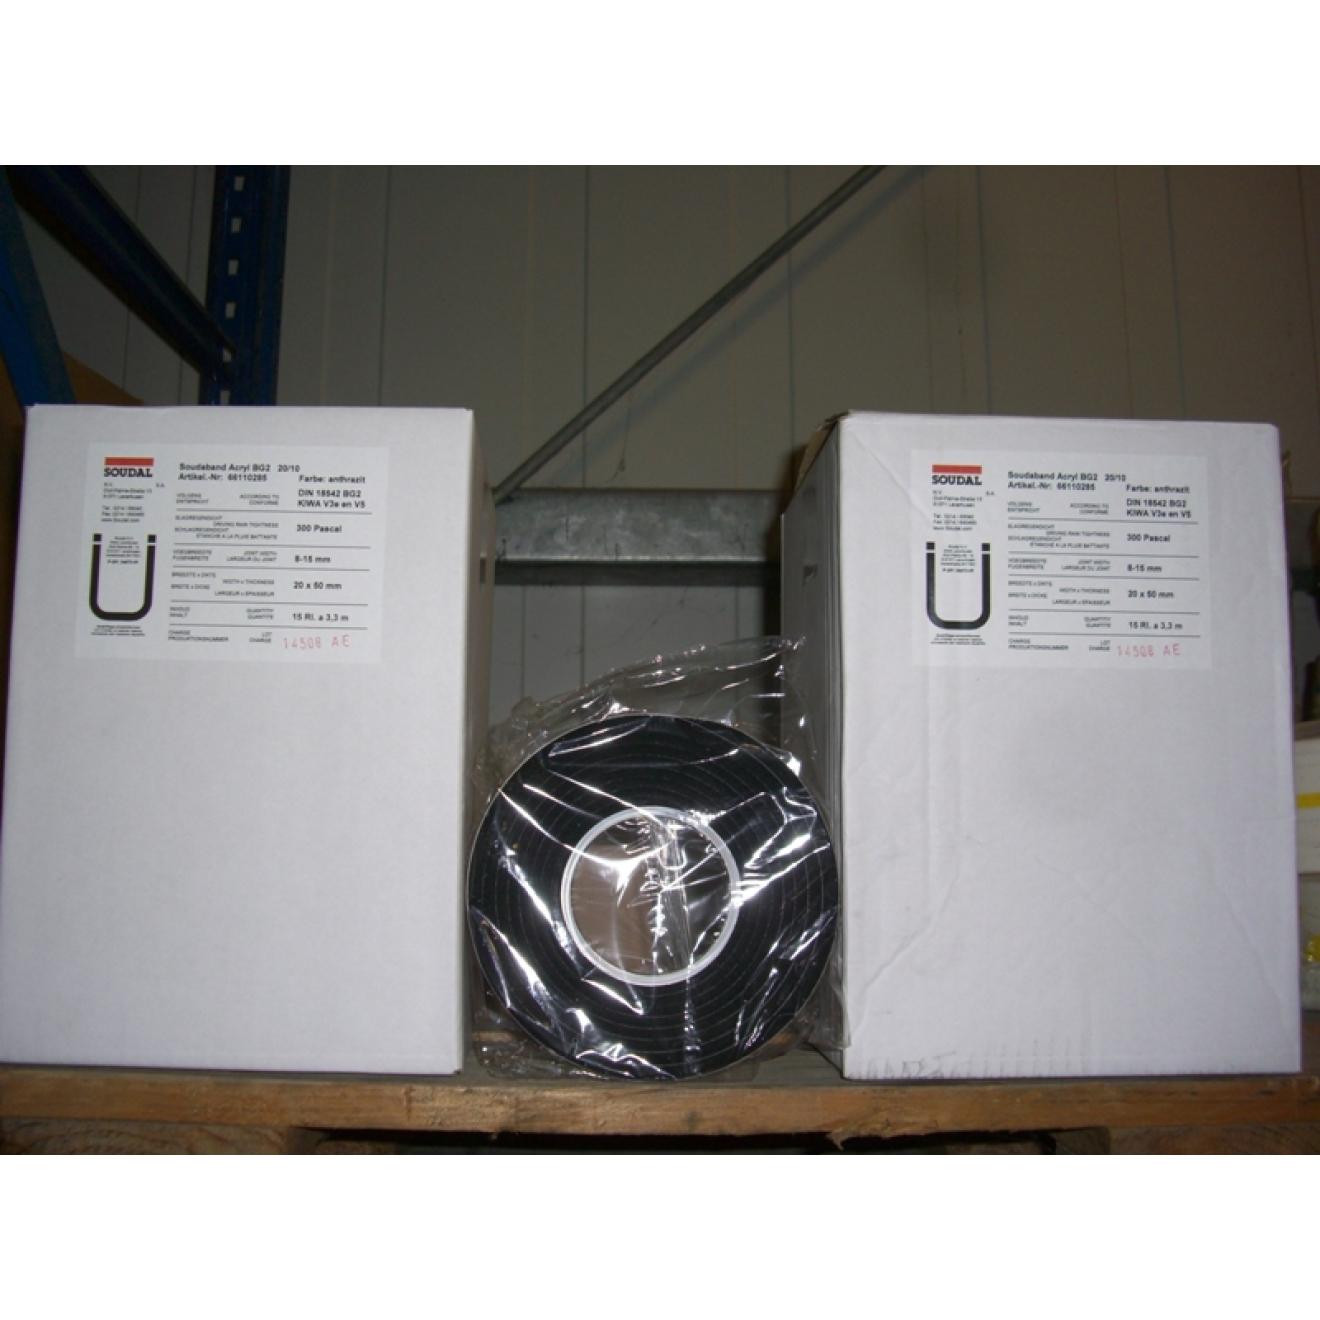 soudaband bg1 kompriband zur ral montage 10 jahre garantie. Black Bedroom Furniture Sets. Home Design Ideas